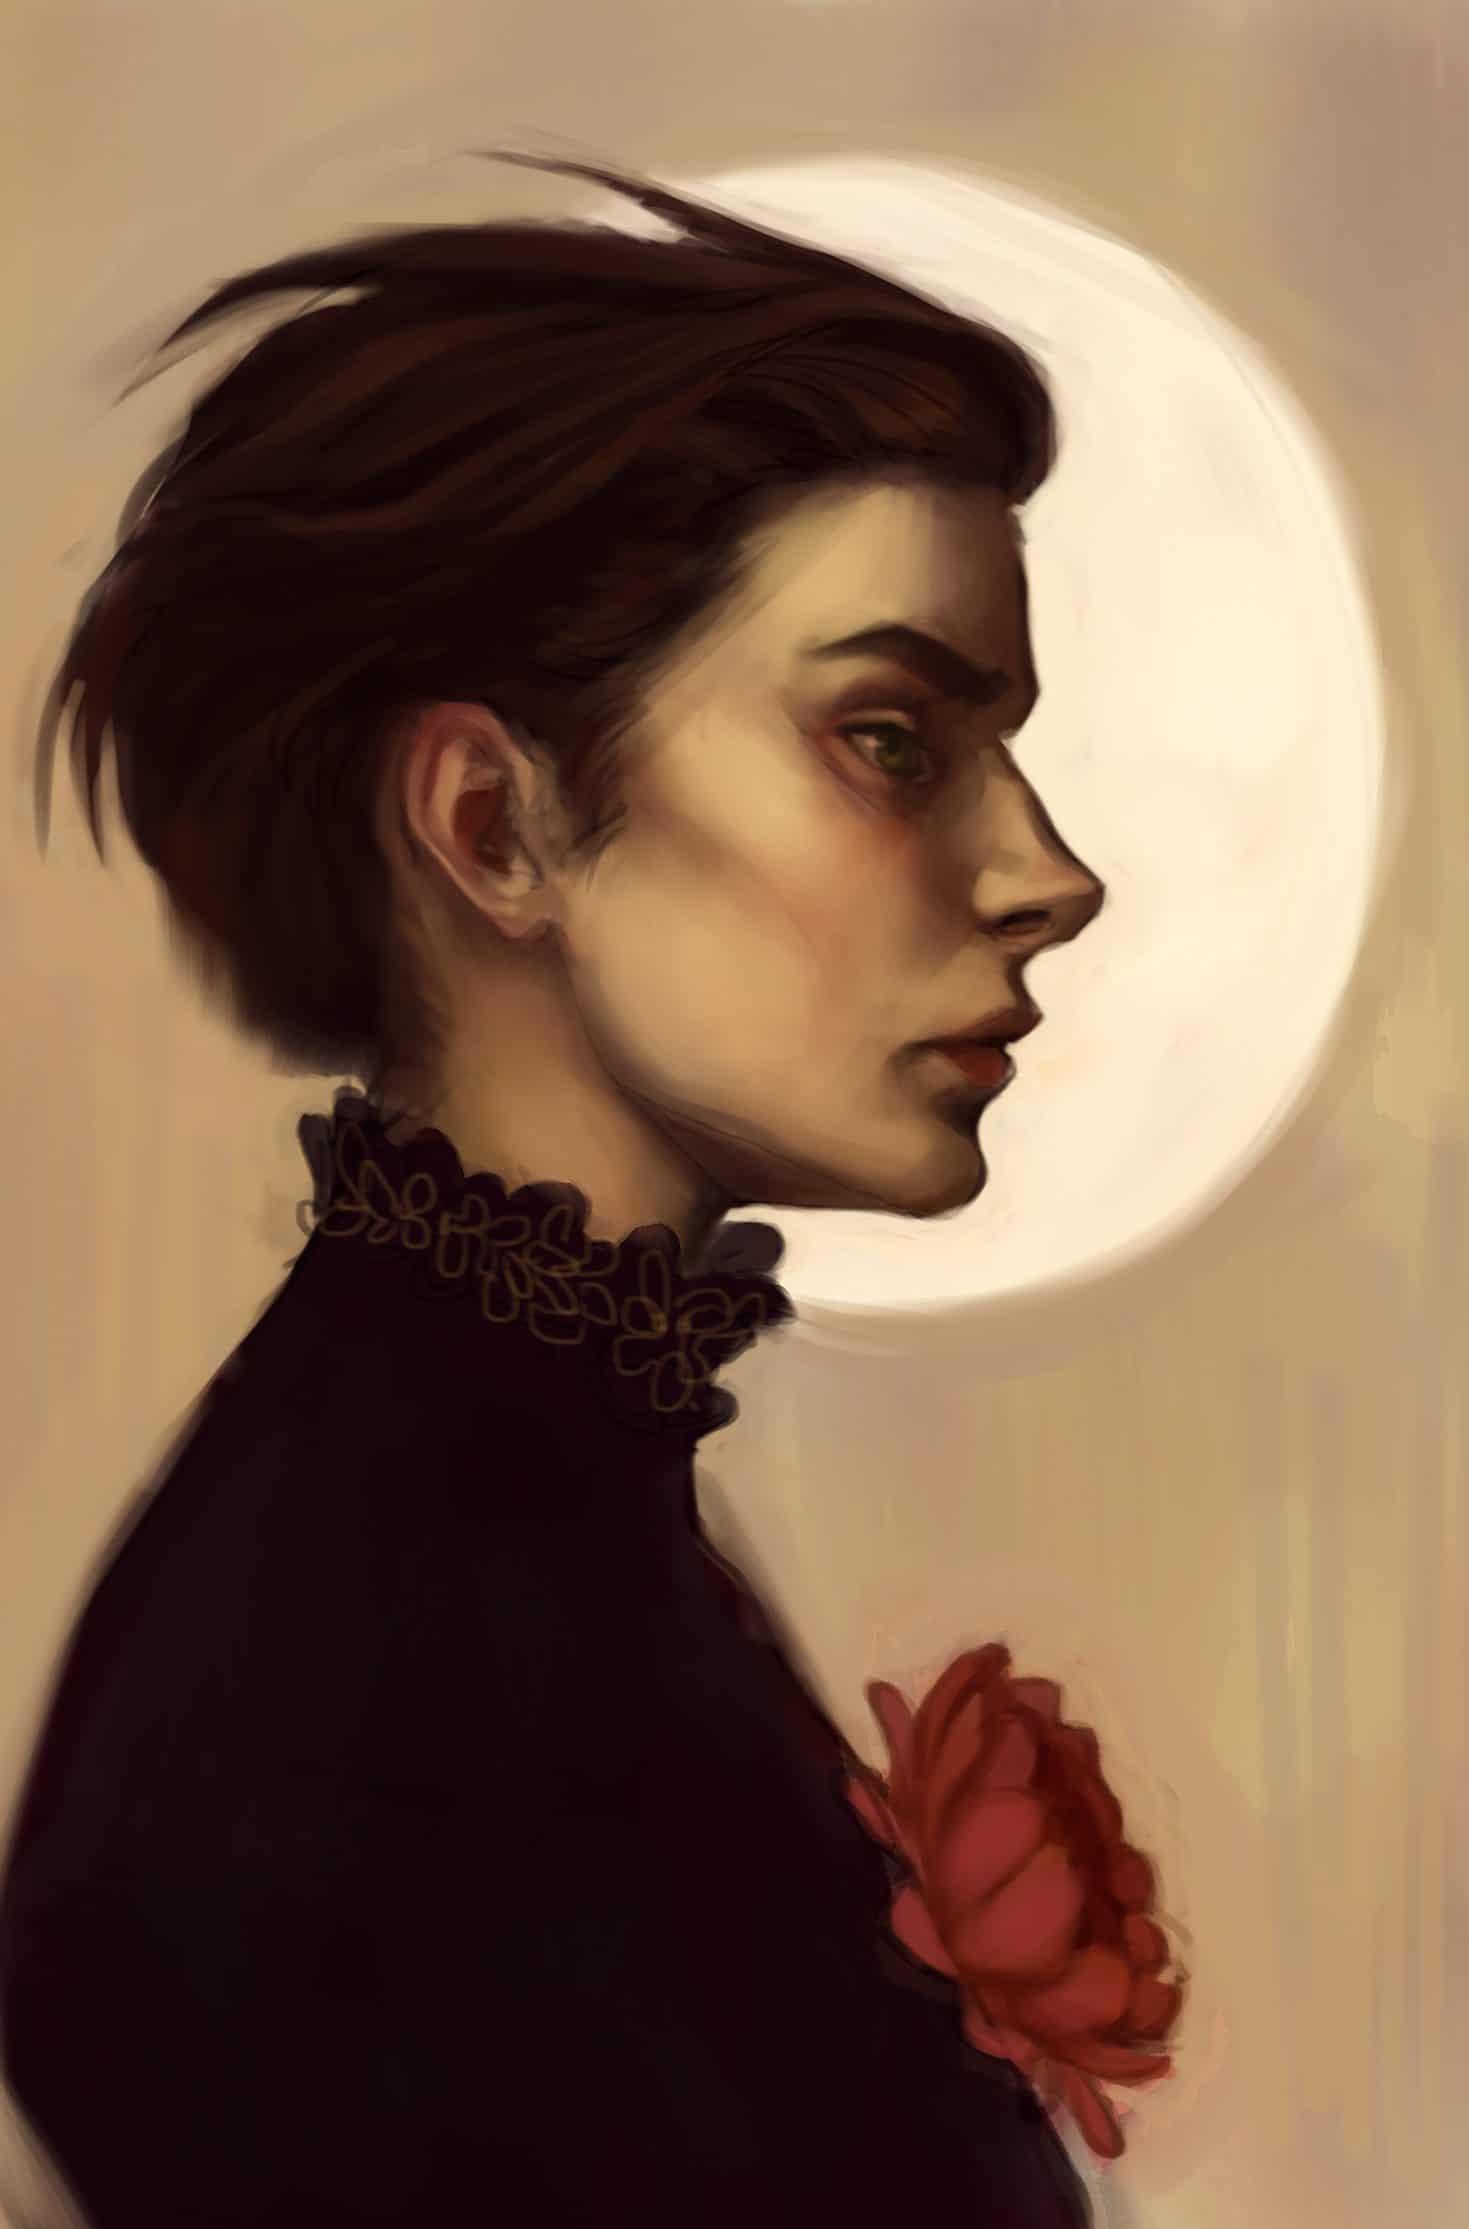 Cornelius by Mourphine